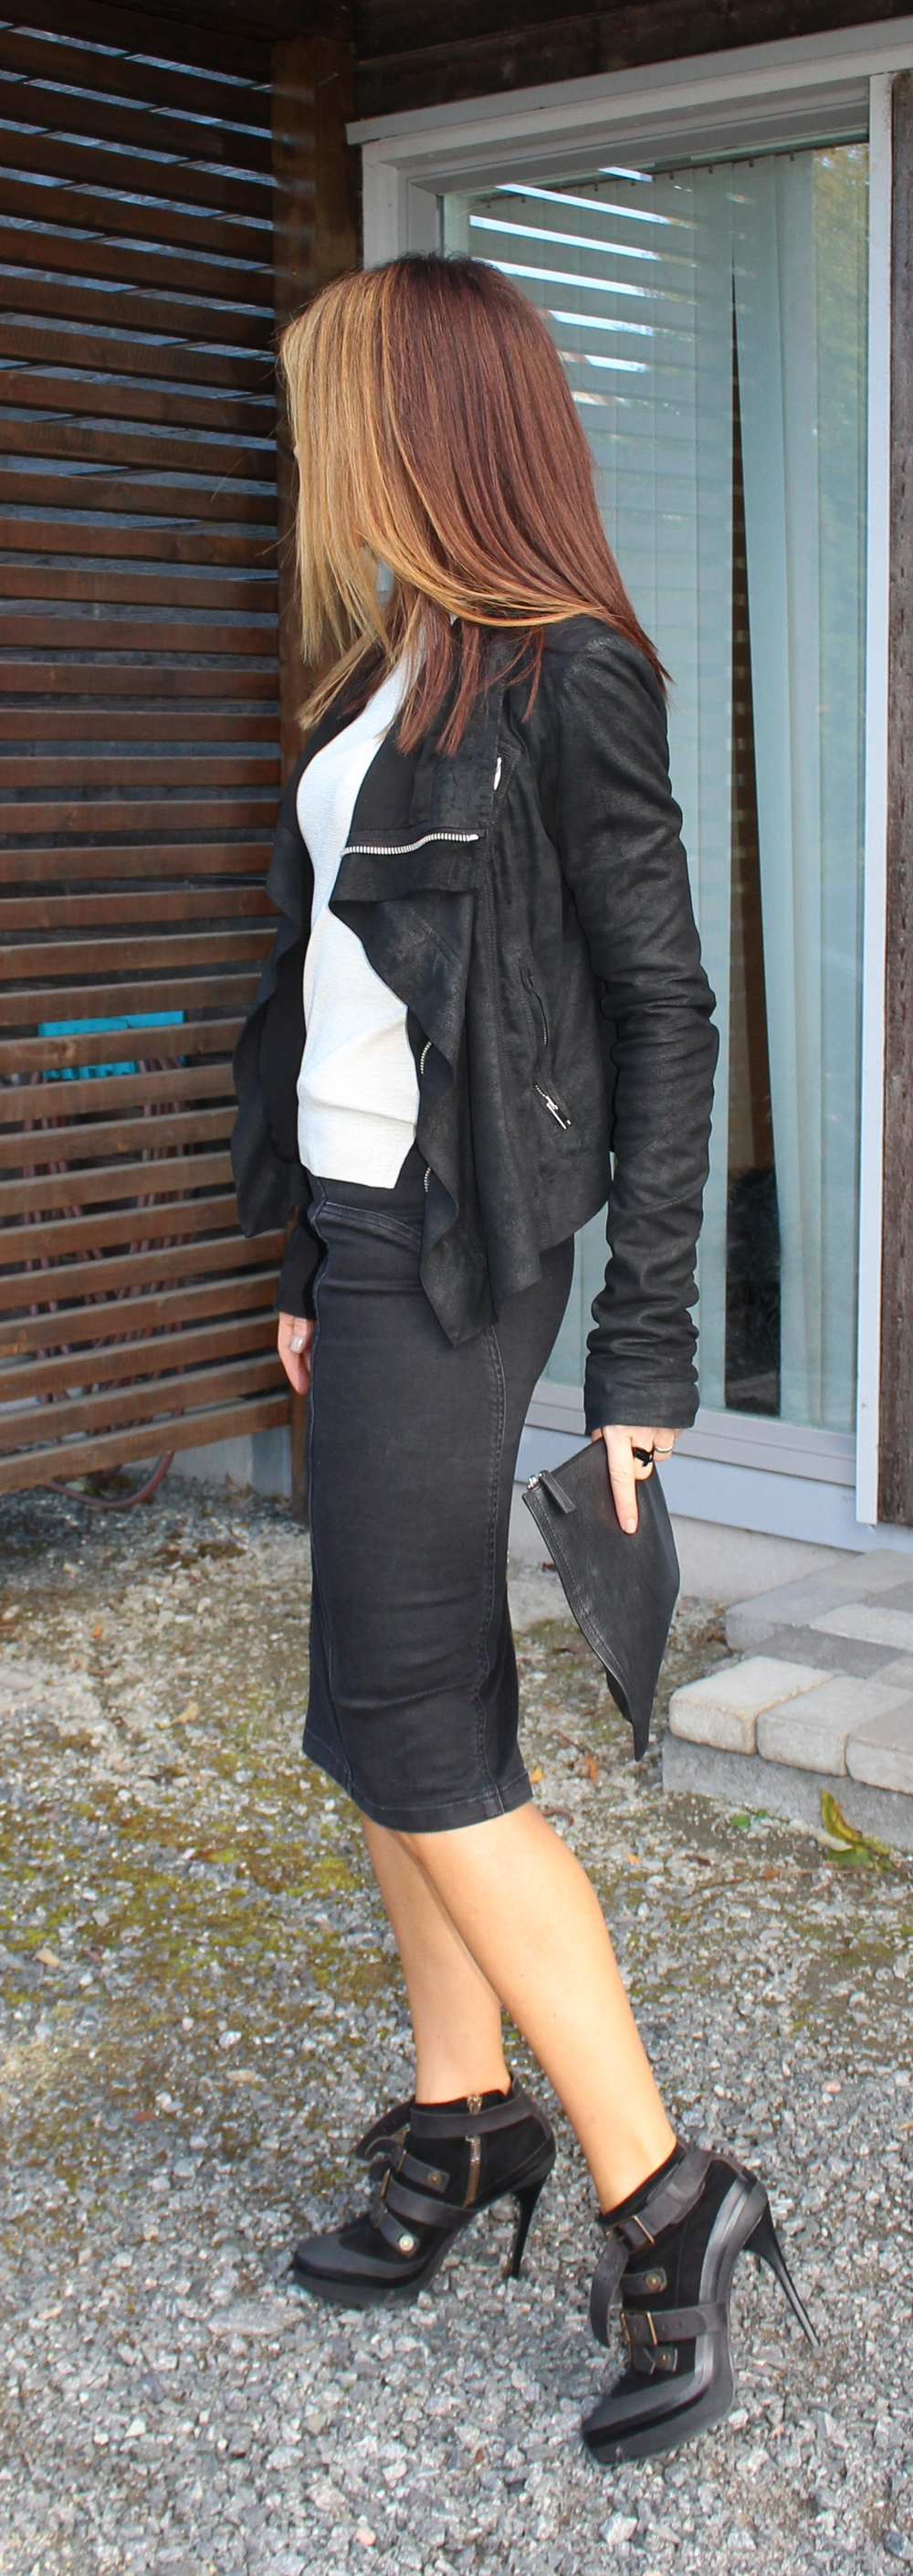 ...og håret er Anne Mette:) Det ser litt mer rødt ut på bildet enn det egentelig er, Jeg er superfornøyd!